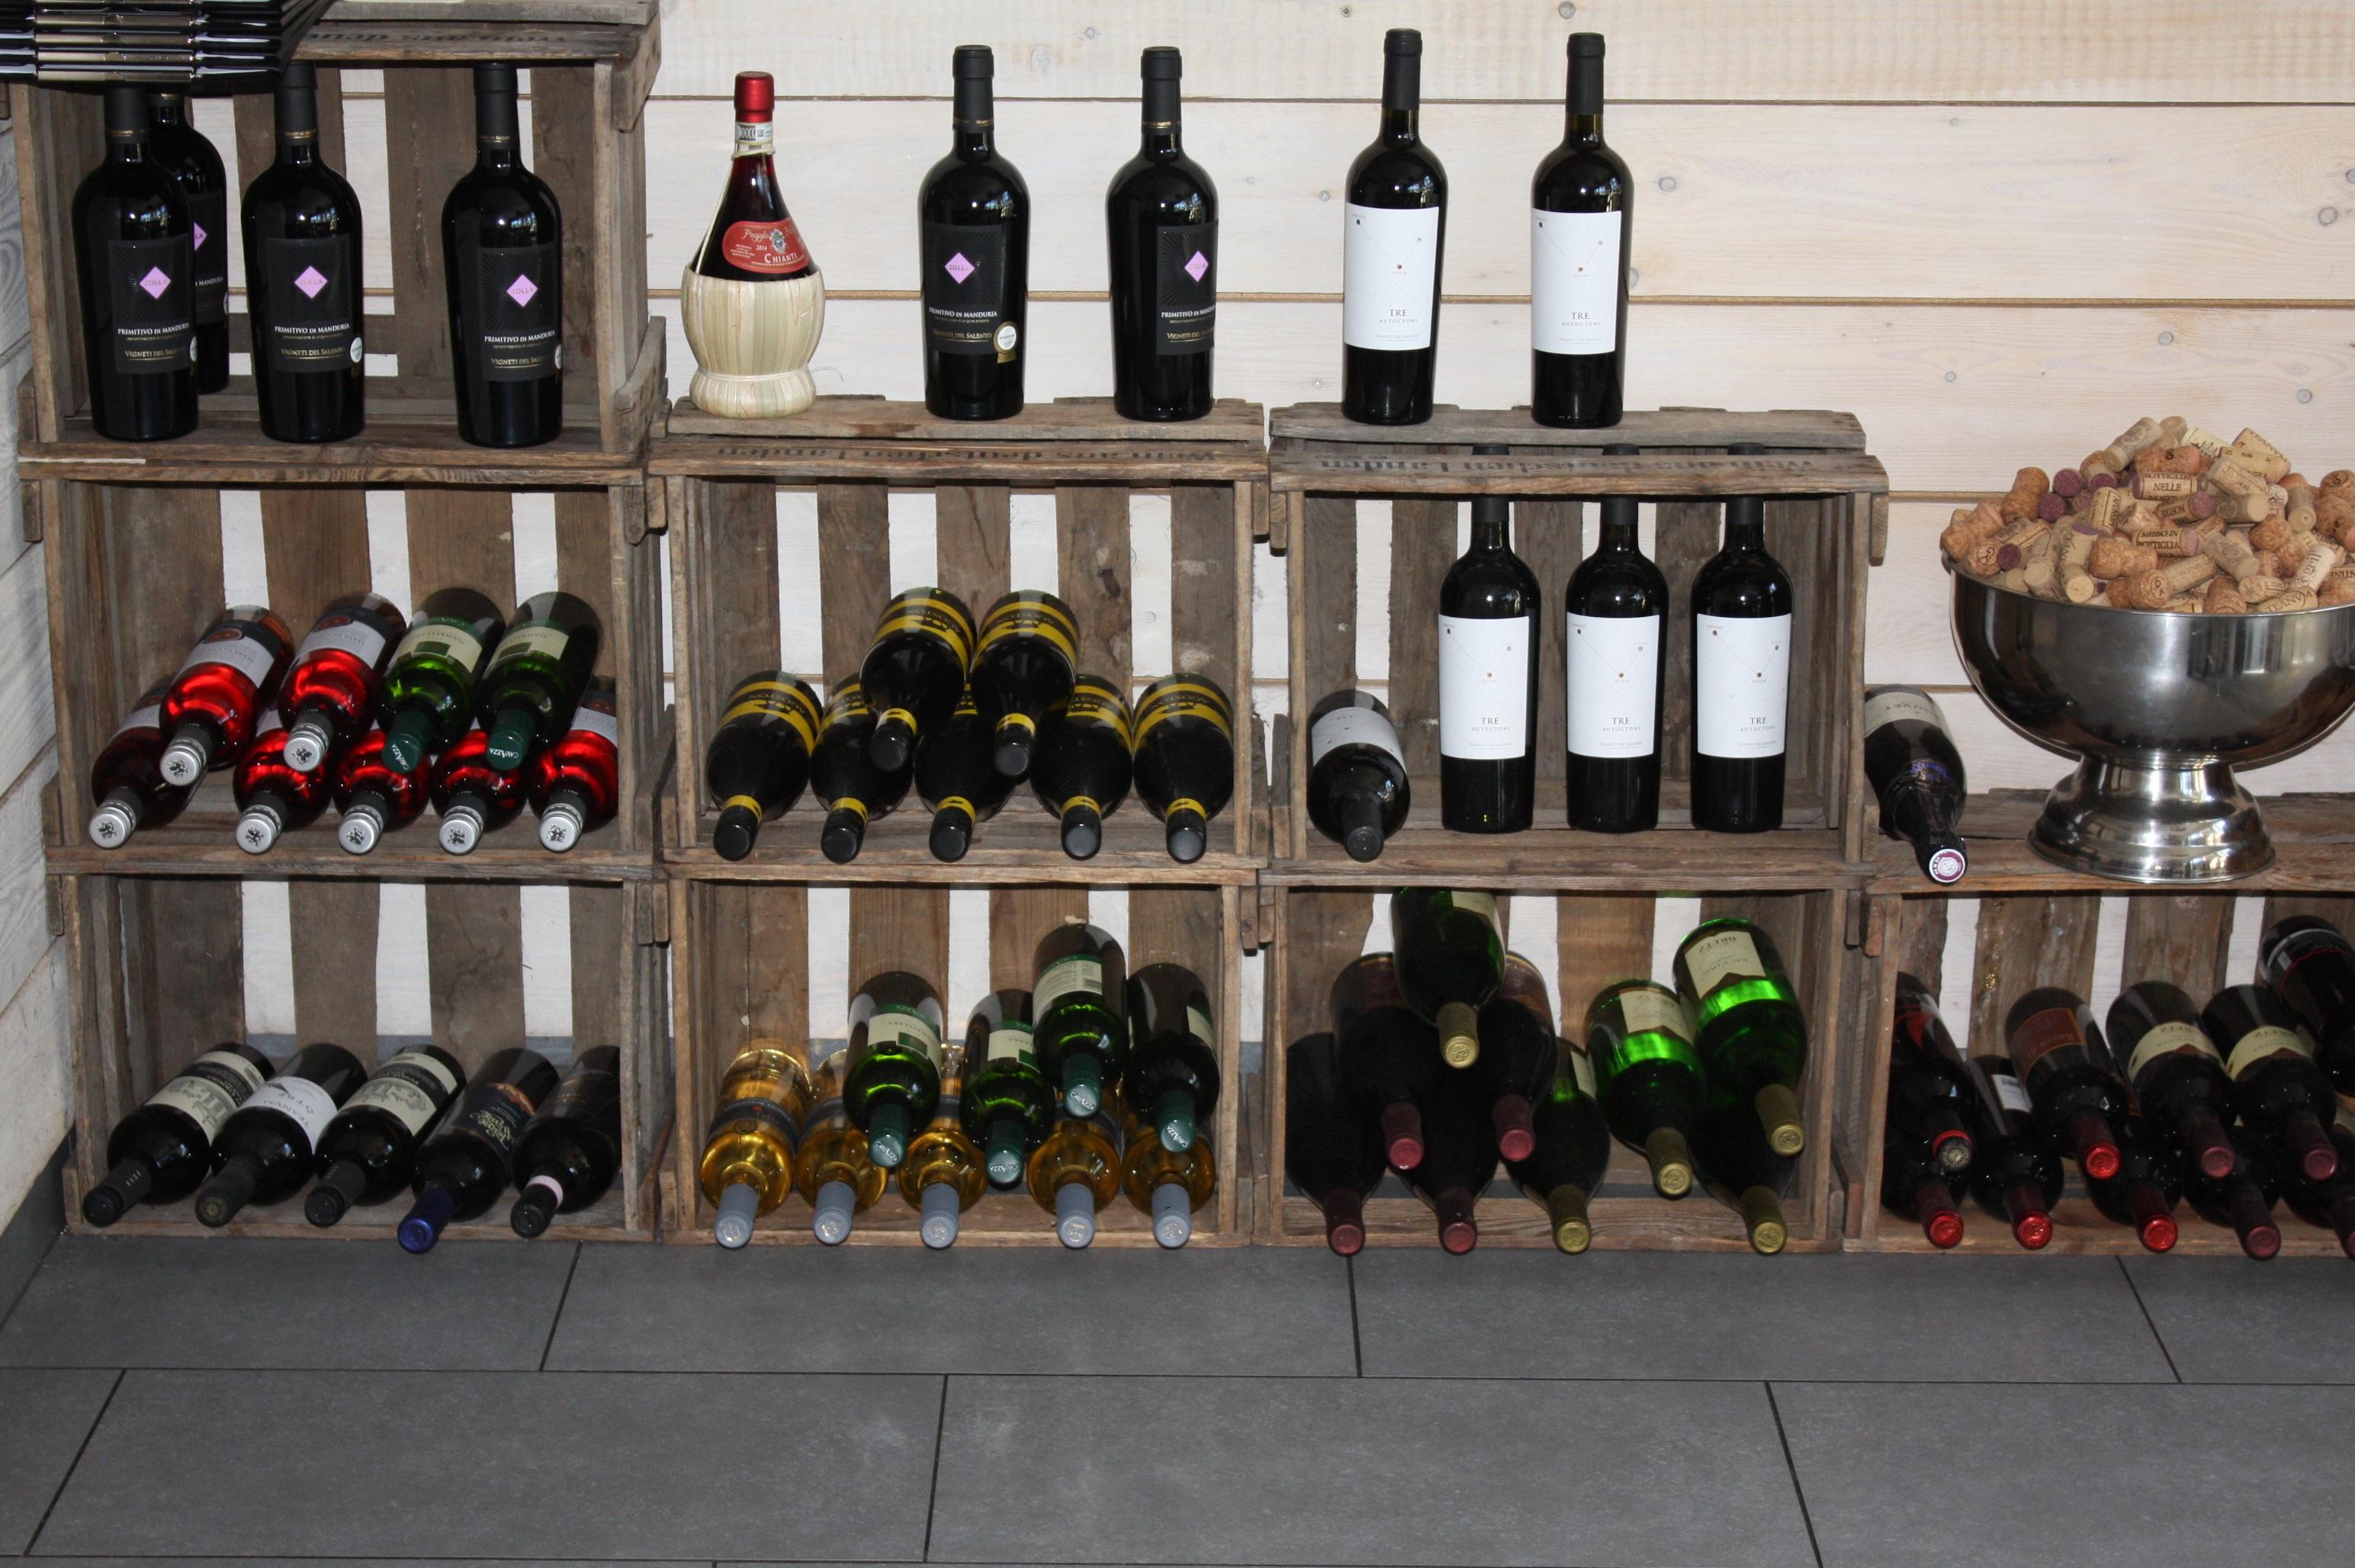 Forskjellige Bildet : dekorasjon, hylle, flasker, Tre boks, støvete, gastronomi JJ-98